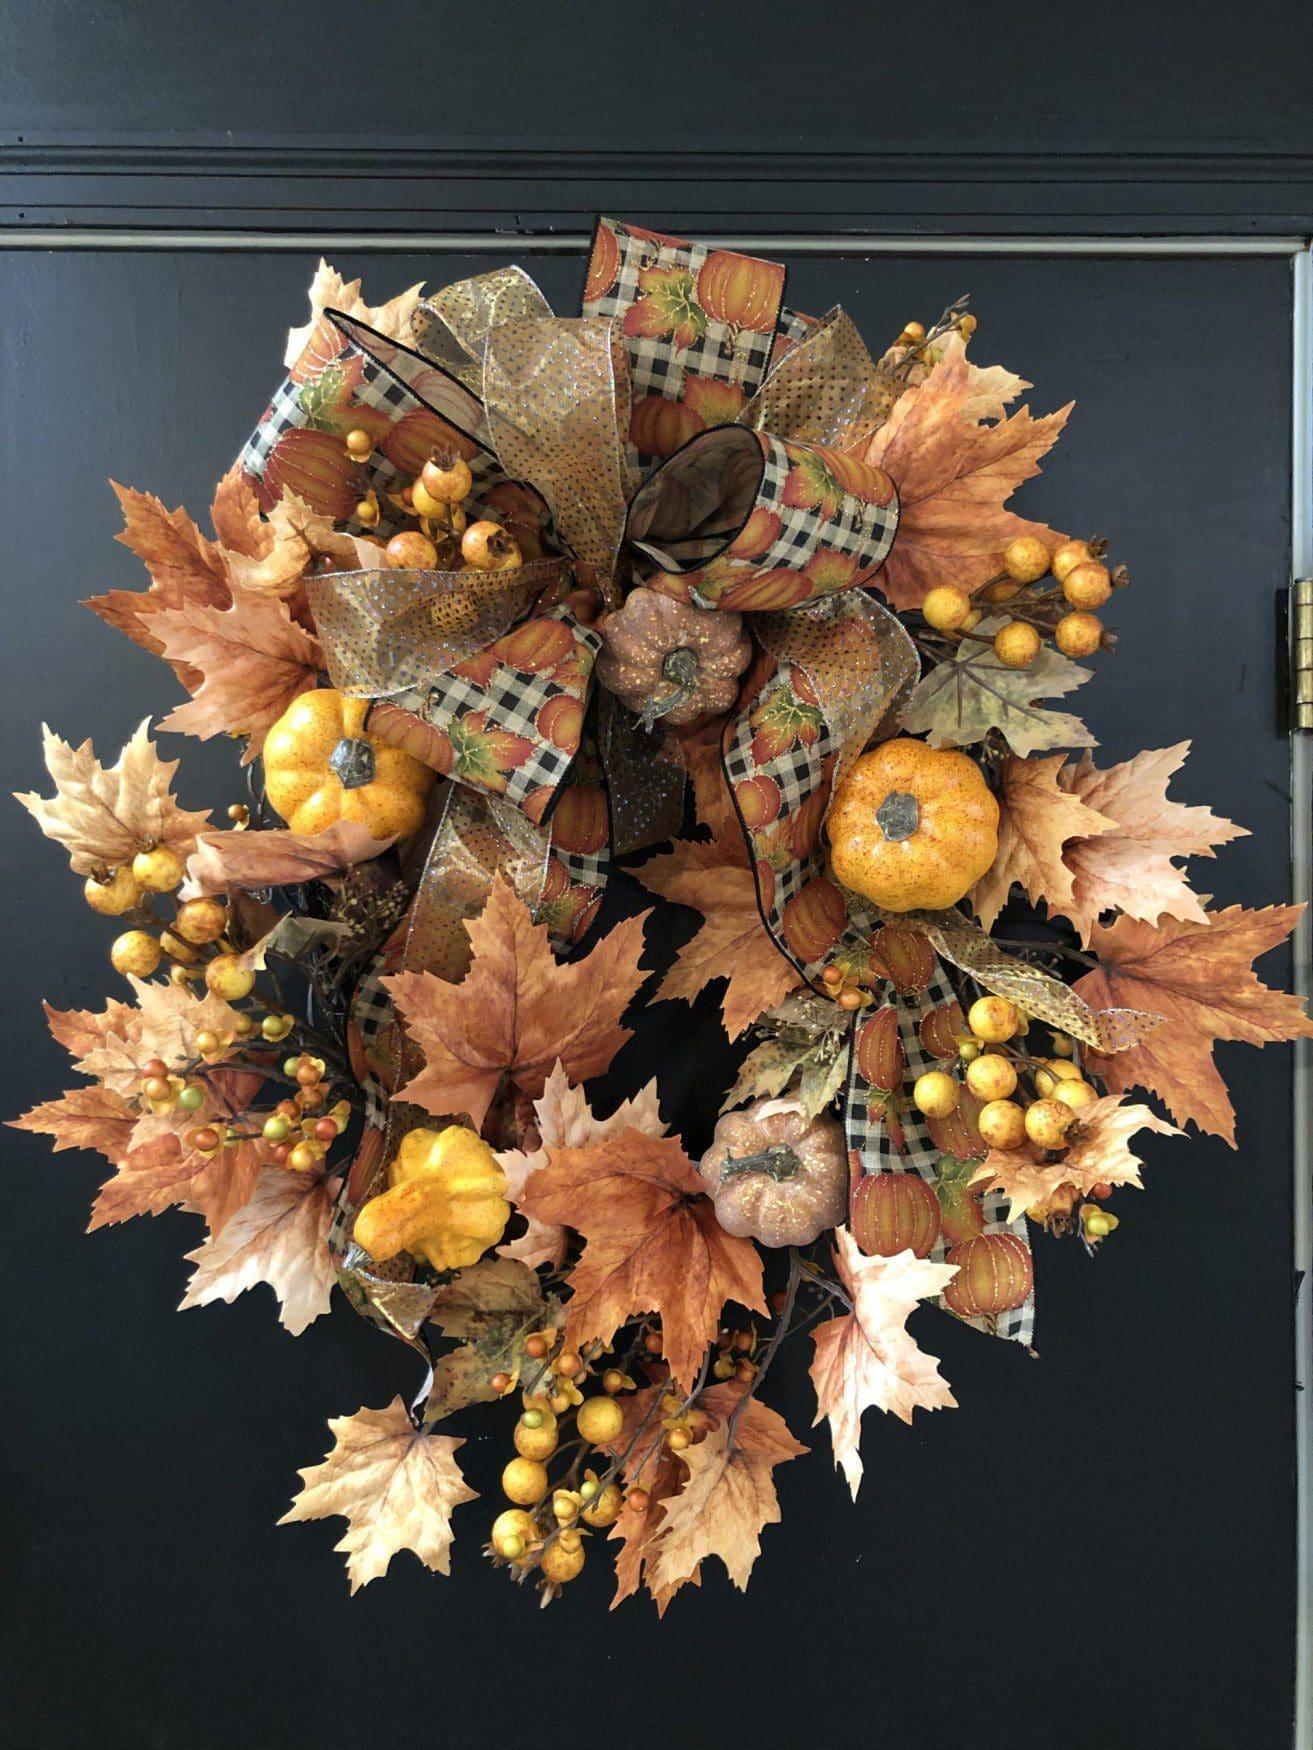 Autumn foliage wreath